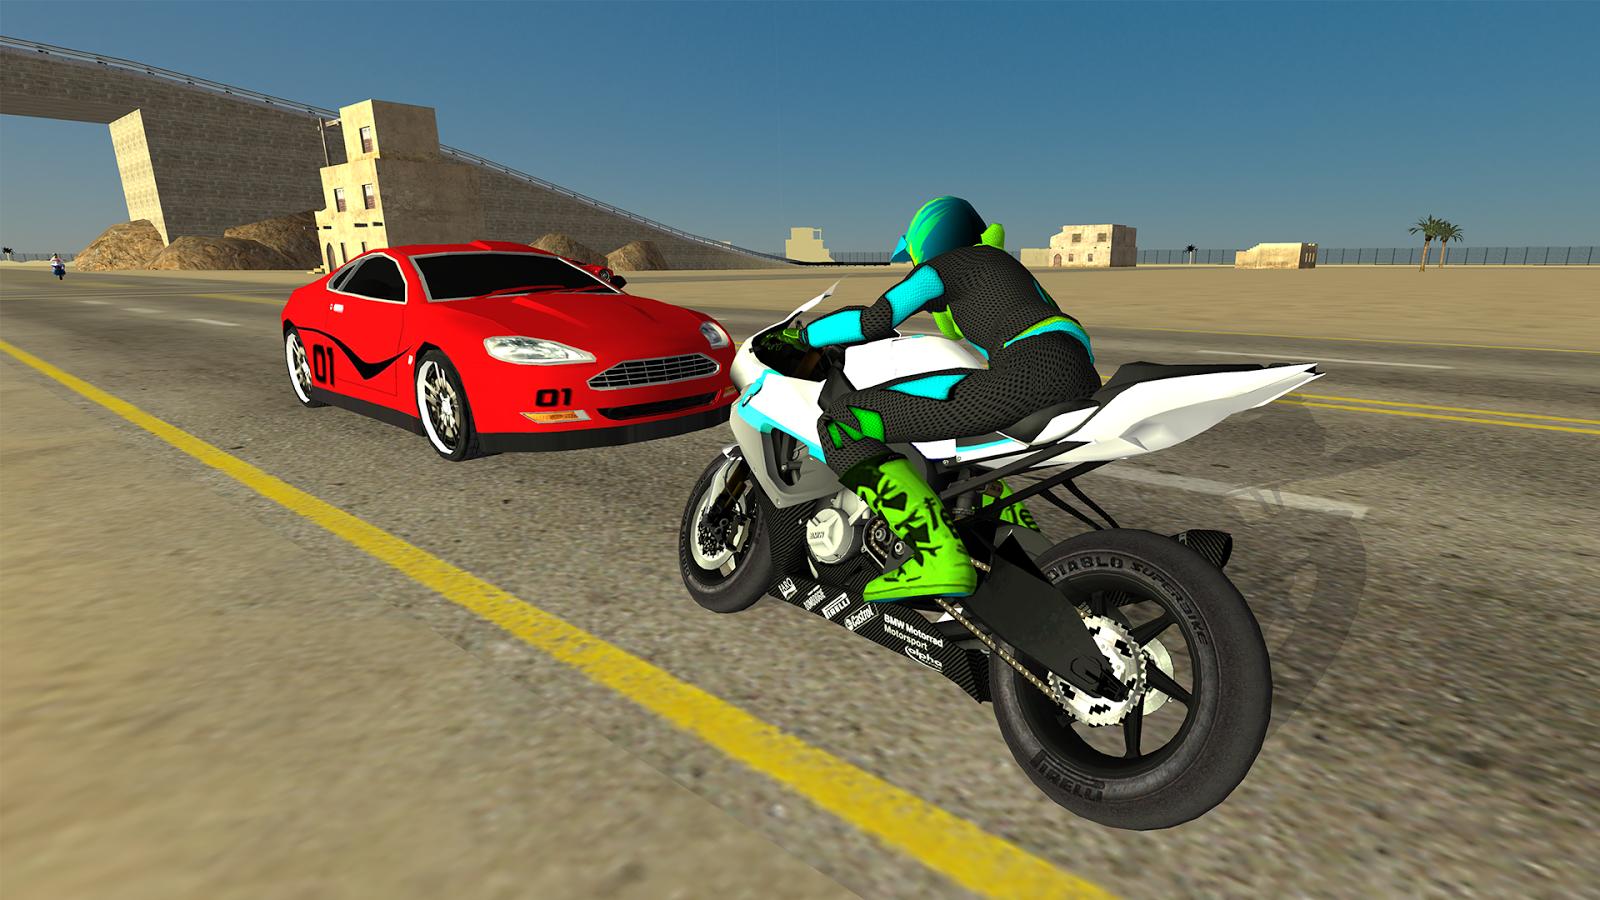 Motorbike-Driving-Simulator-3D 13